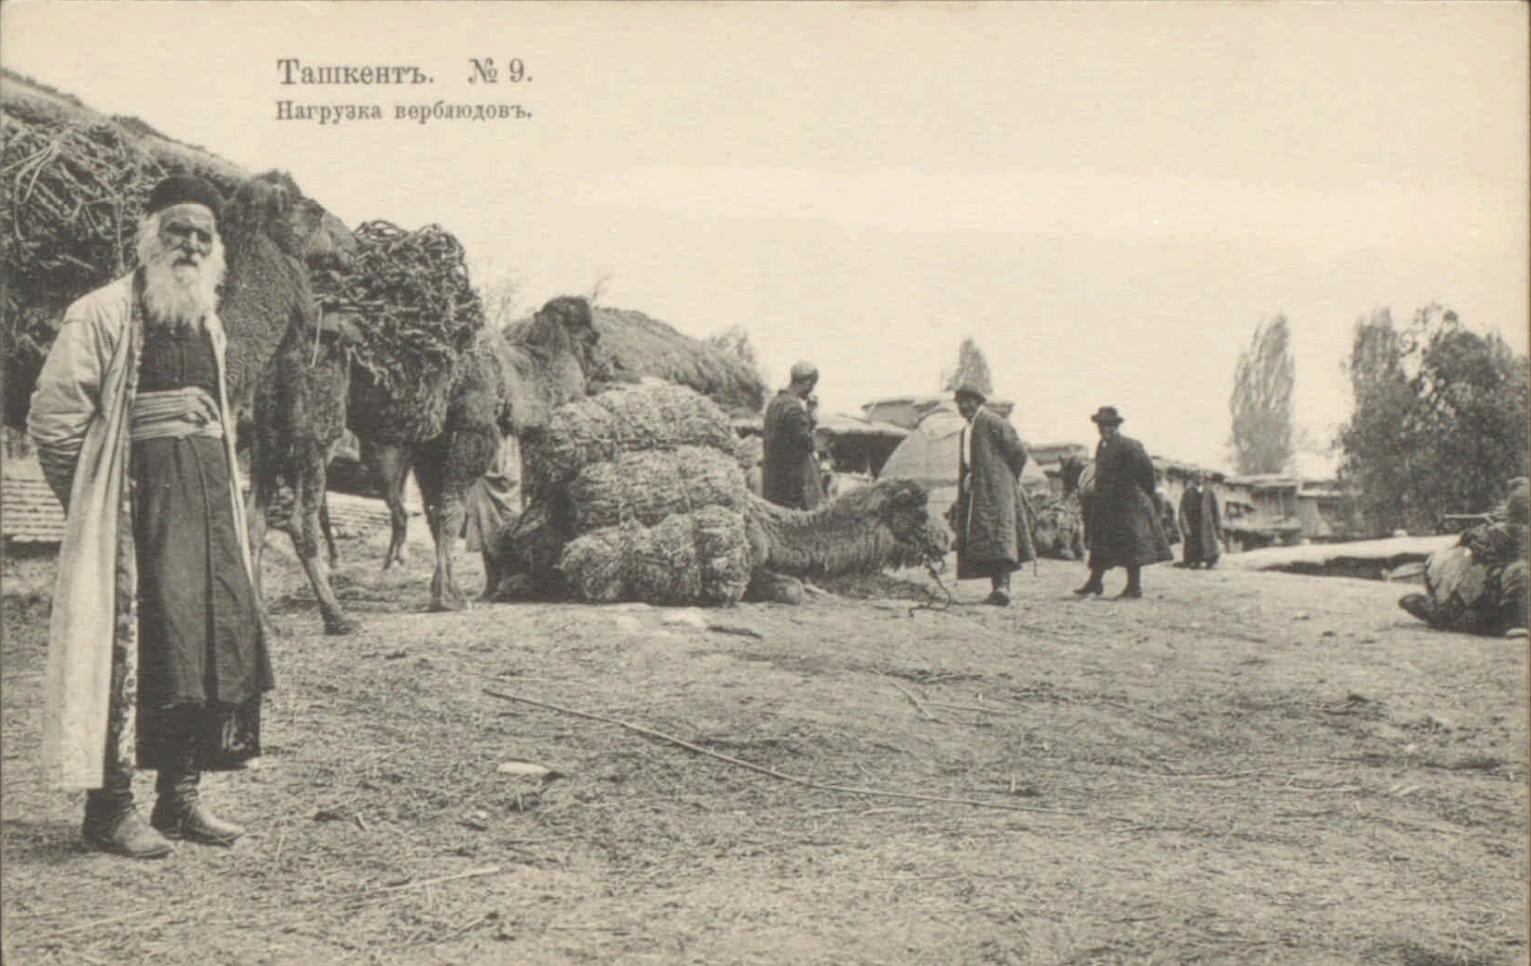 Окрестности Ташкента. Нагрузка верблюдов